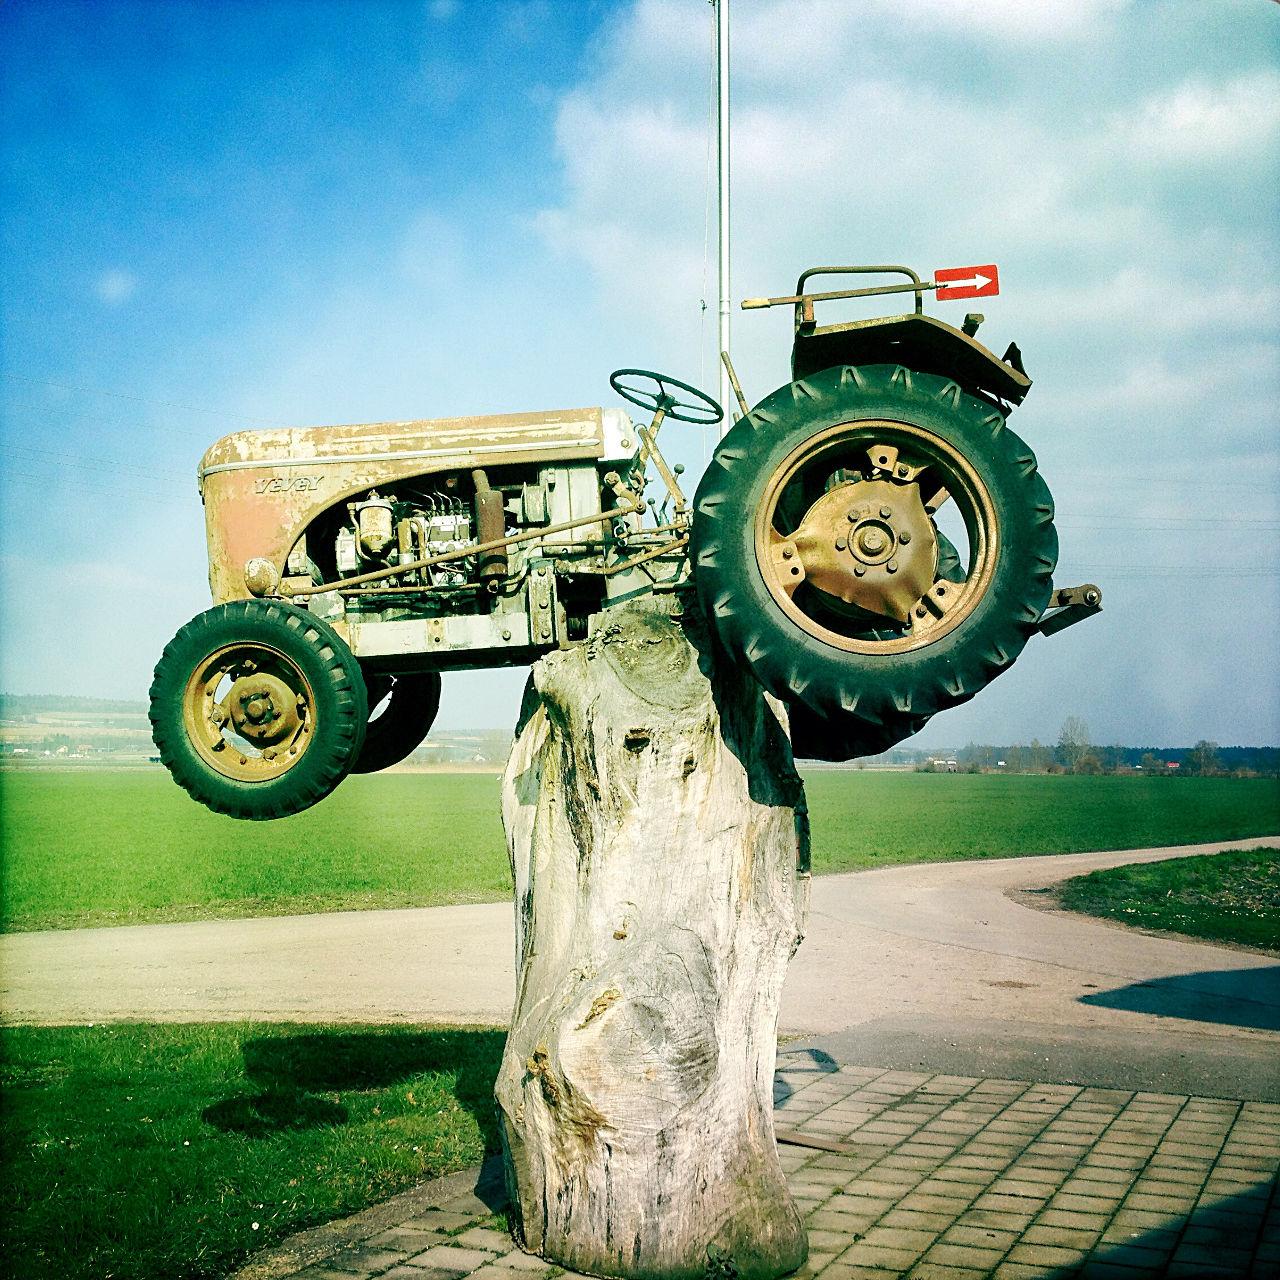 Auf einem Baumstumpf ist ein alter Traktor etwa anderthalb Meter hoch schwebend angebracht.